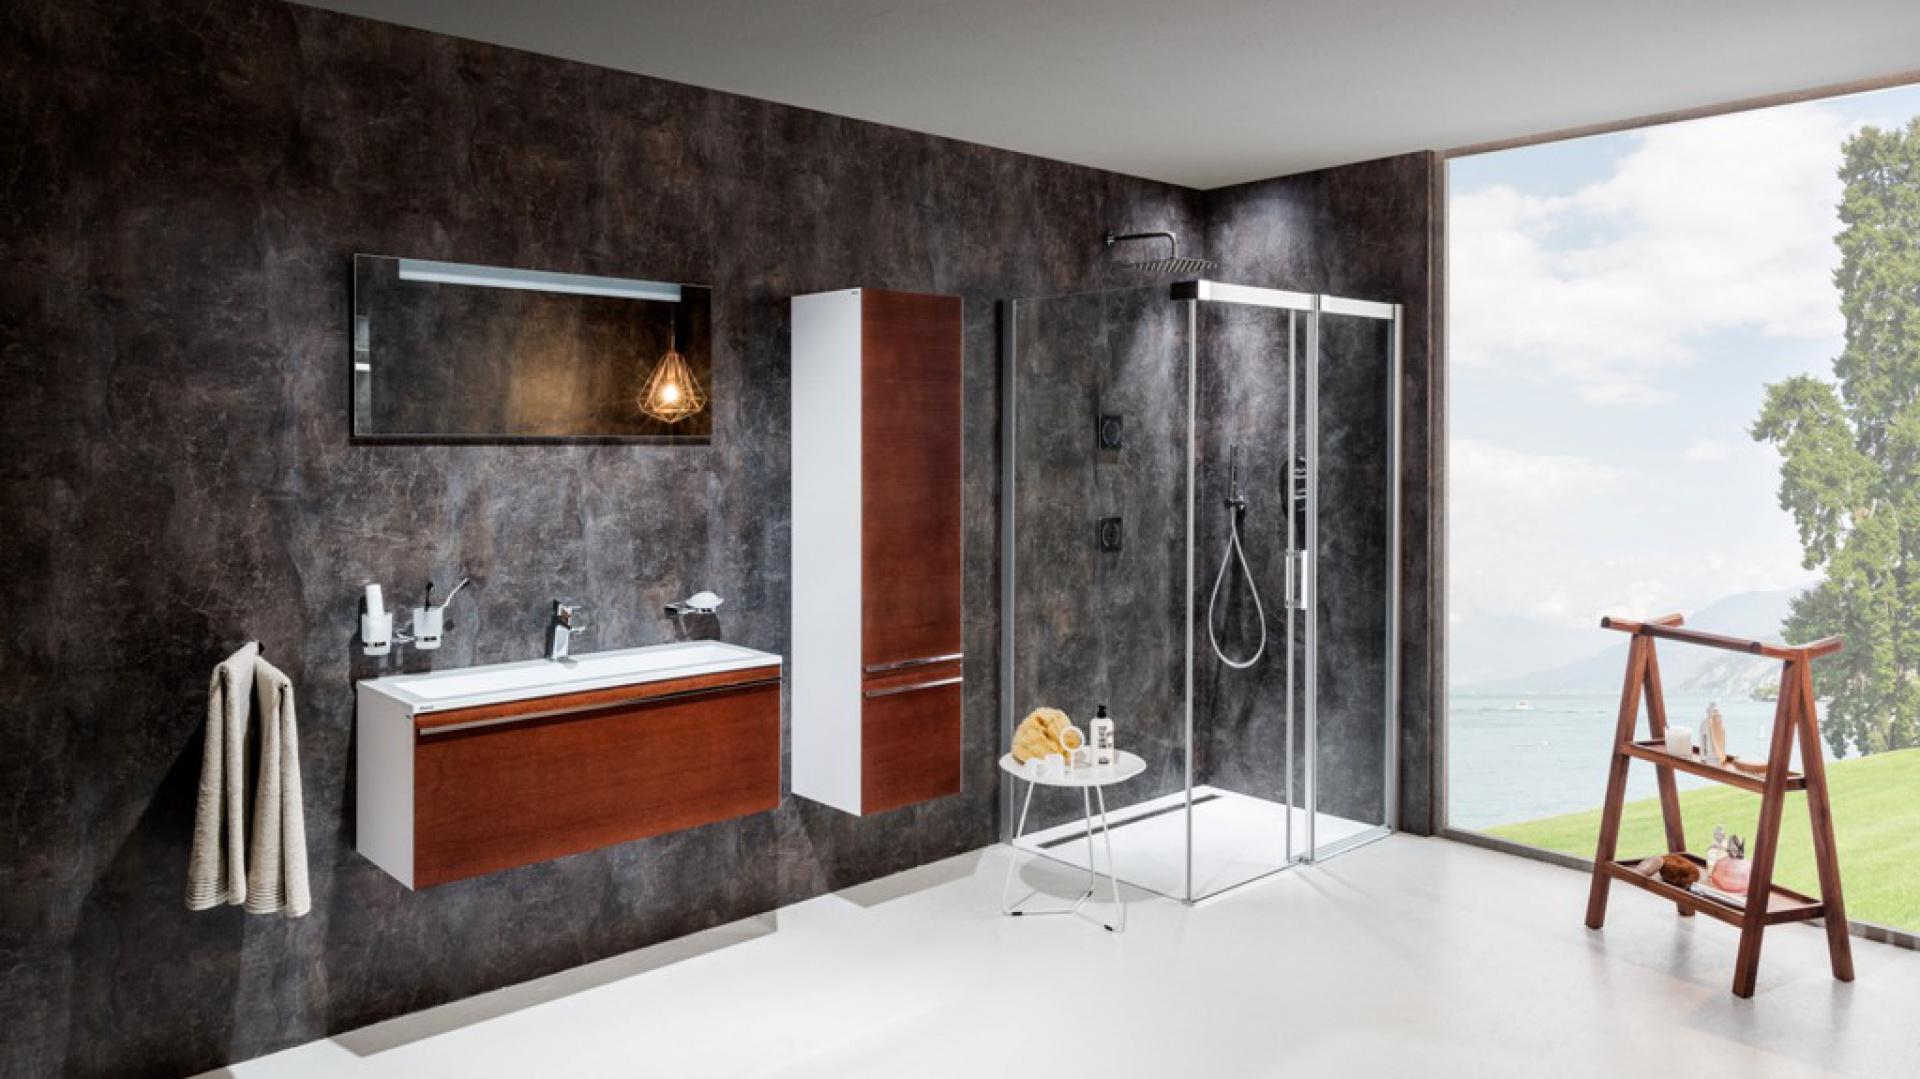 Kabina prysznicowa Matrix jest eleganckim rozwiązaniem przestrzeni prysznicowej z mechanizmem przesuwu. Fot. Ravak